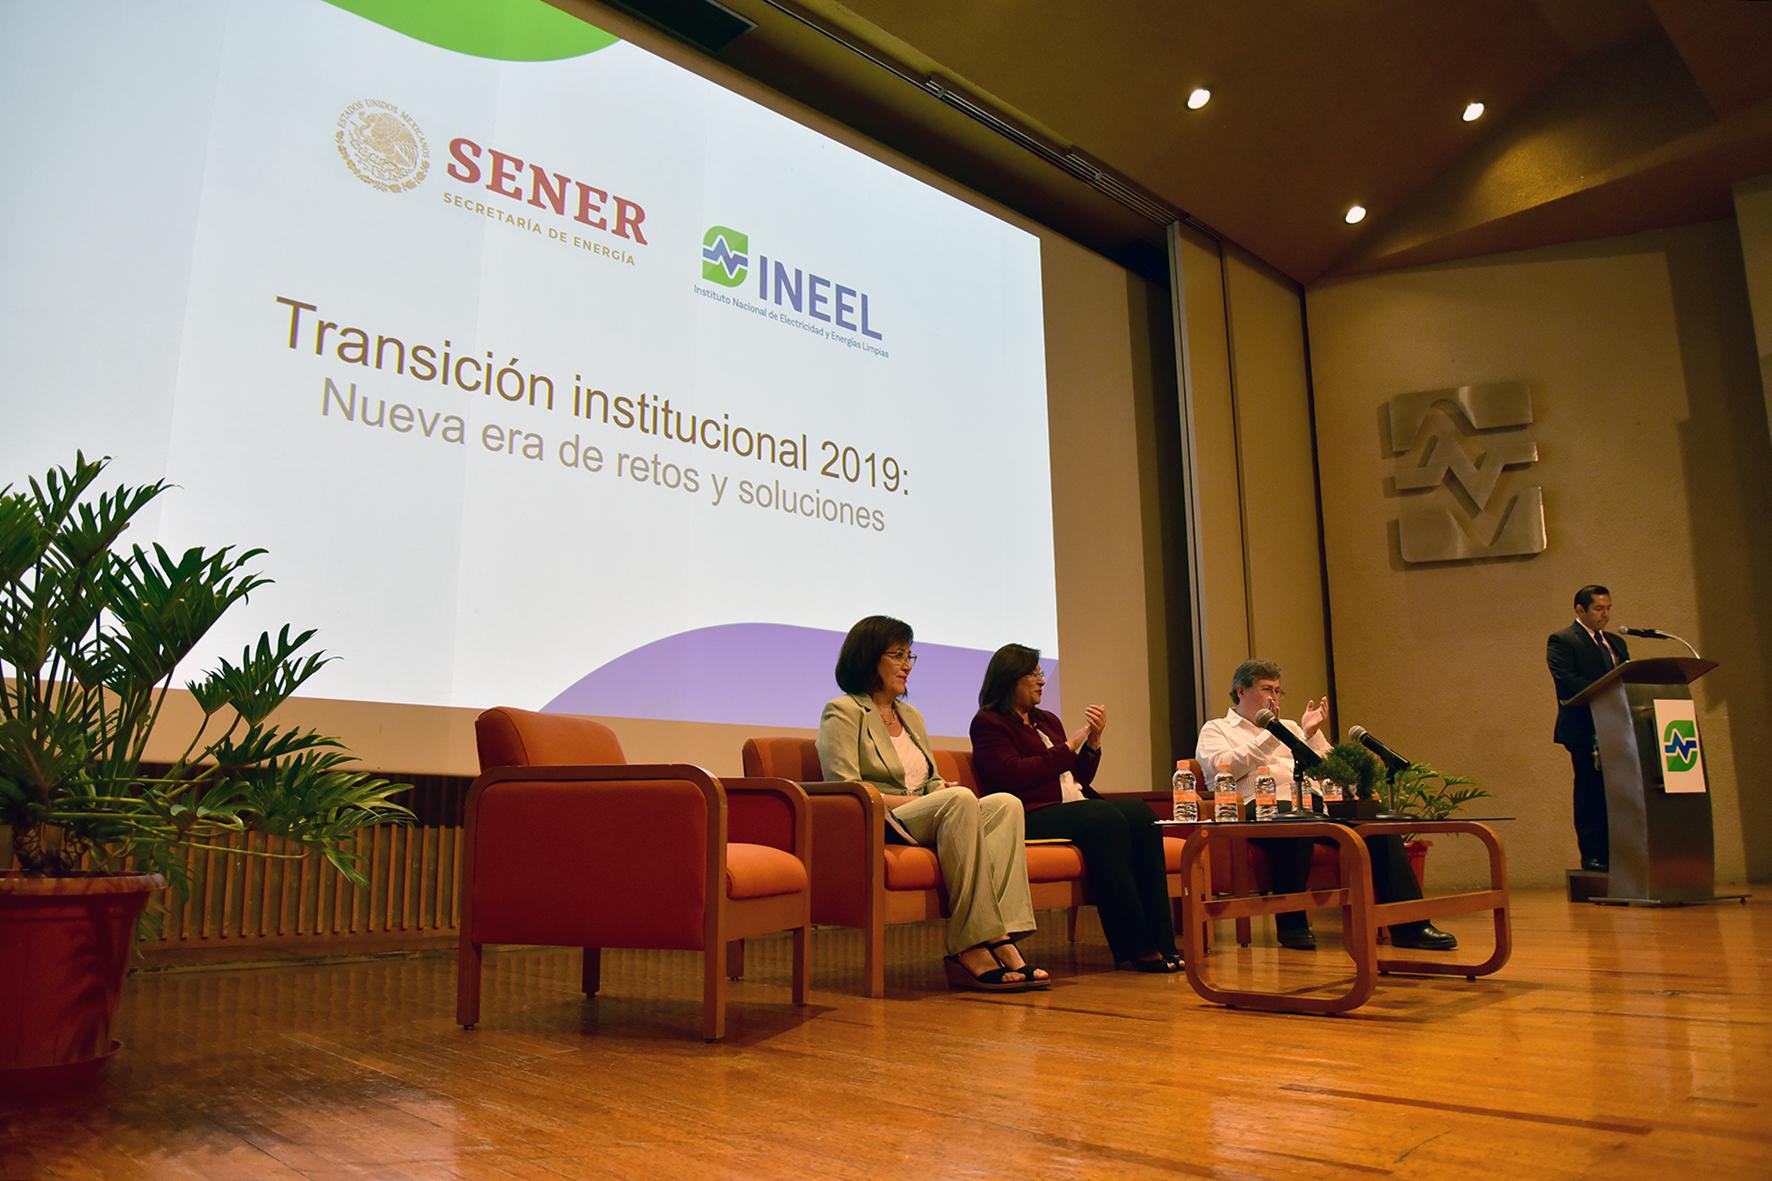 Transición Institucional del INEEL 2019